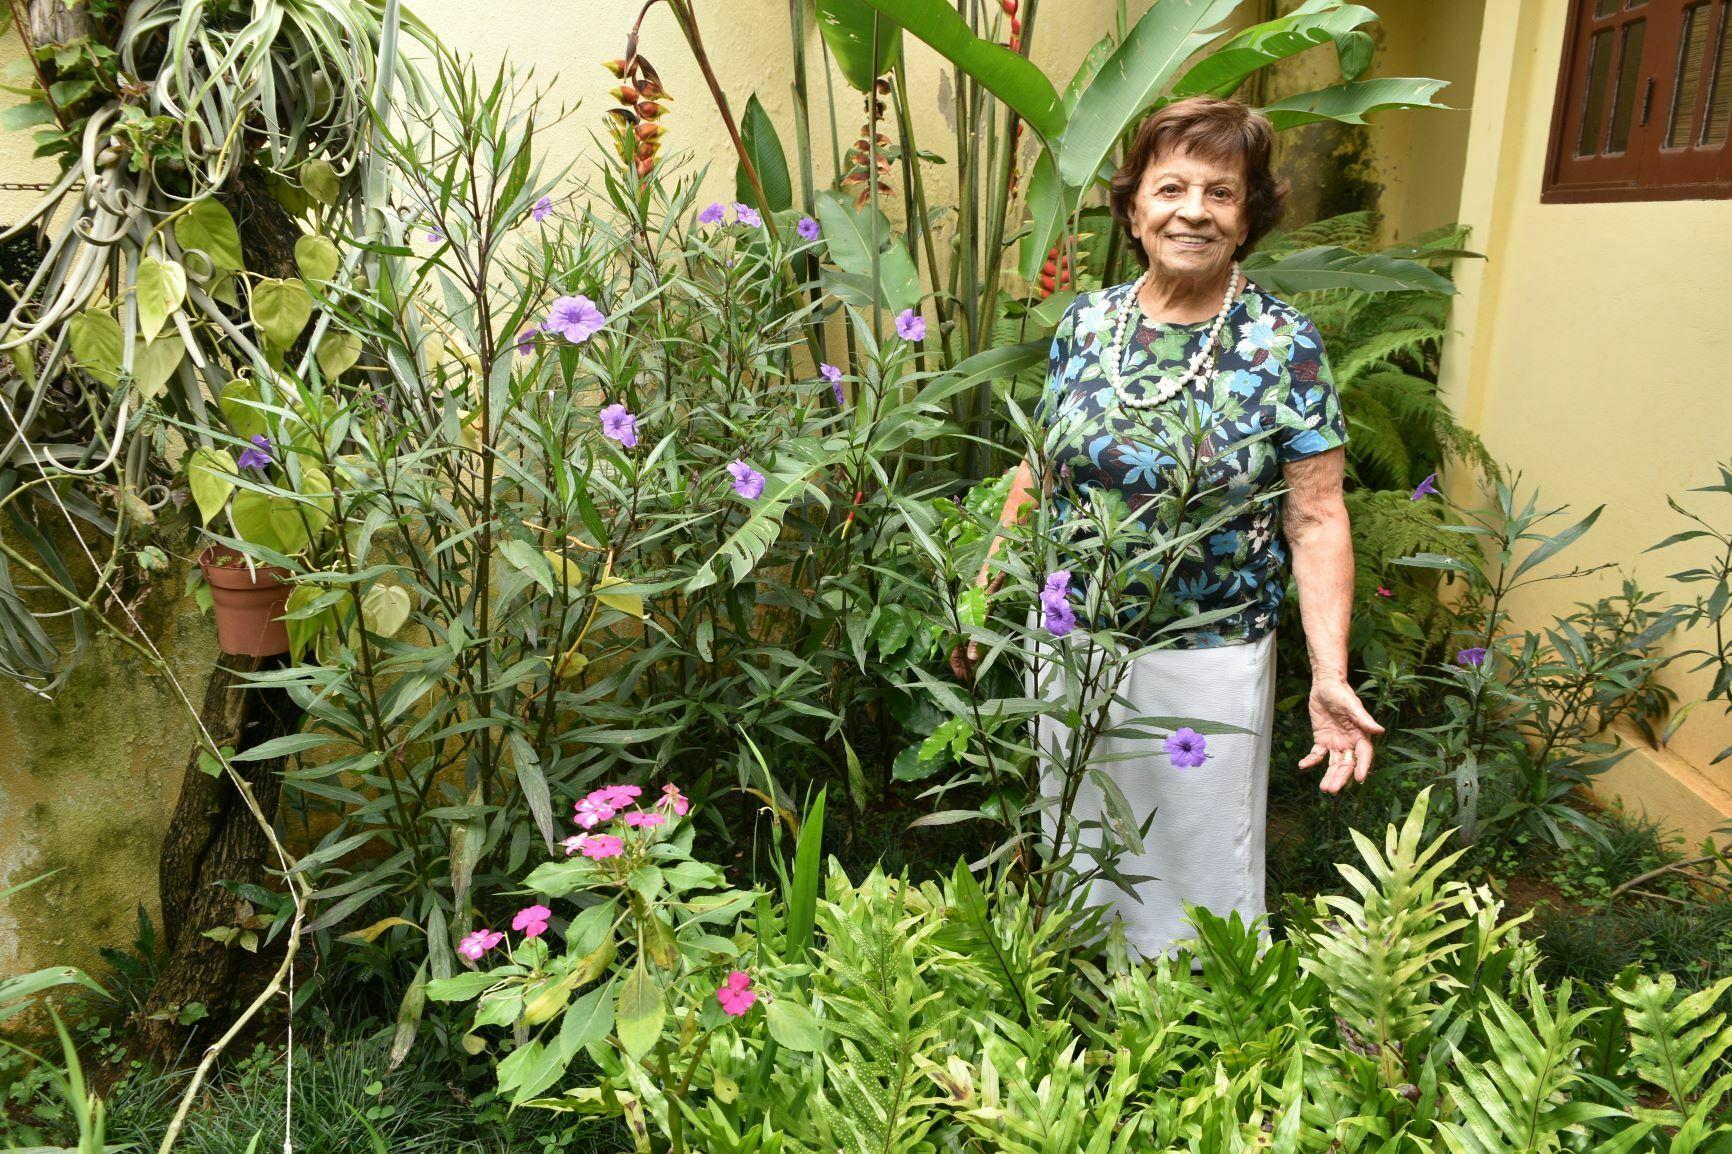 YARA & seu jardim - Foto: Divulgação/Raquel Guerra